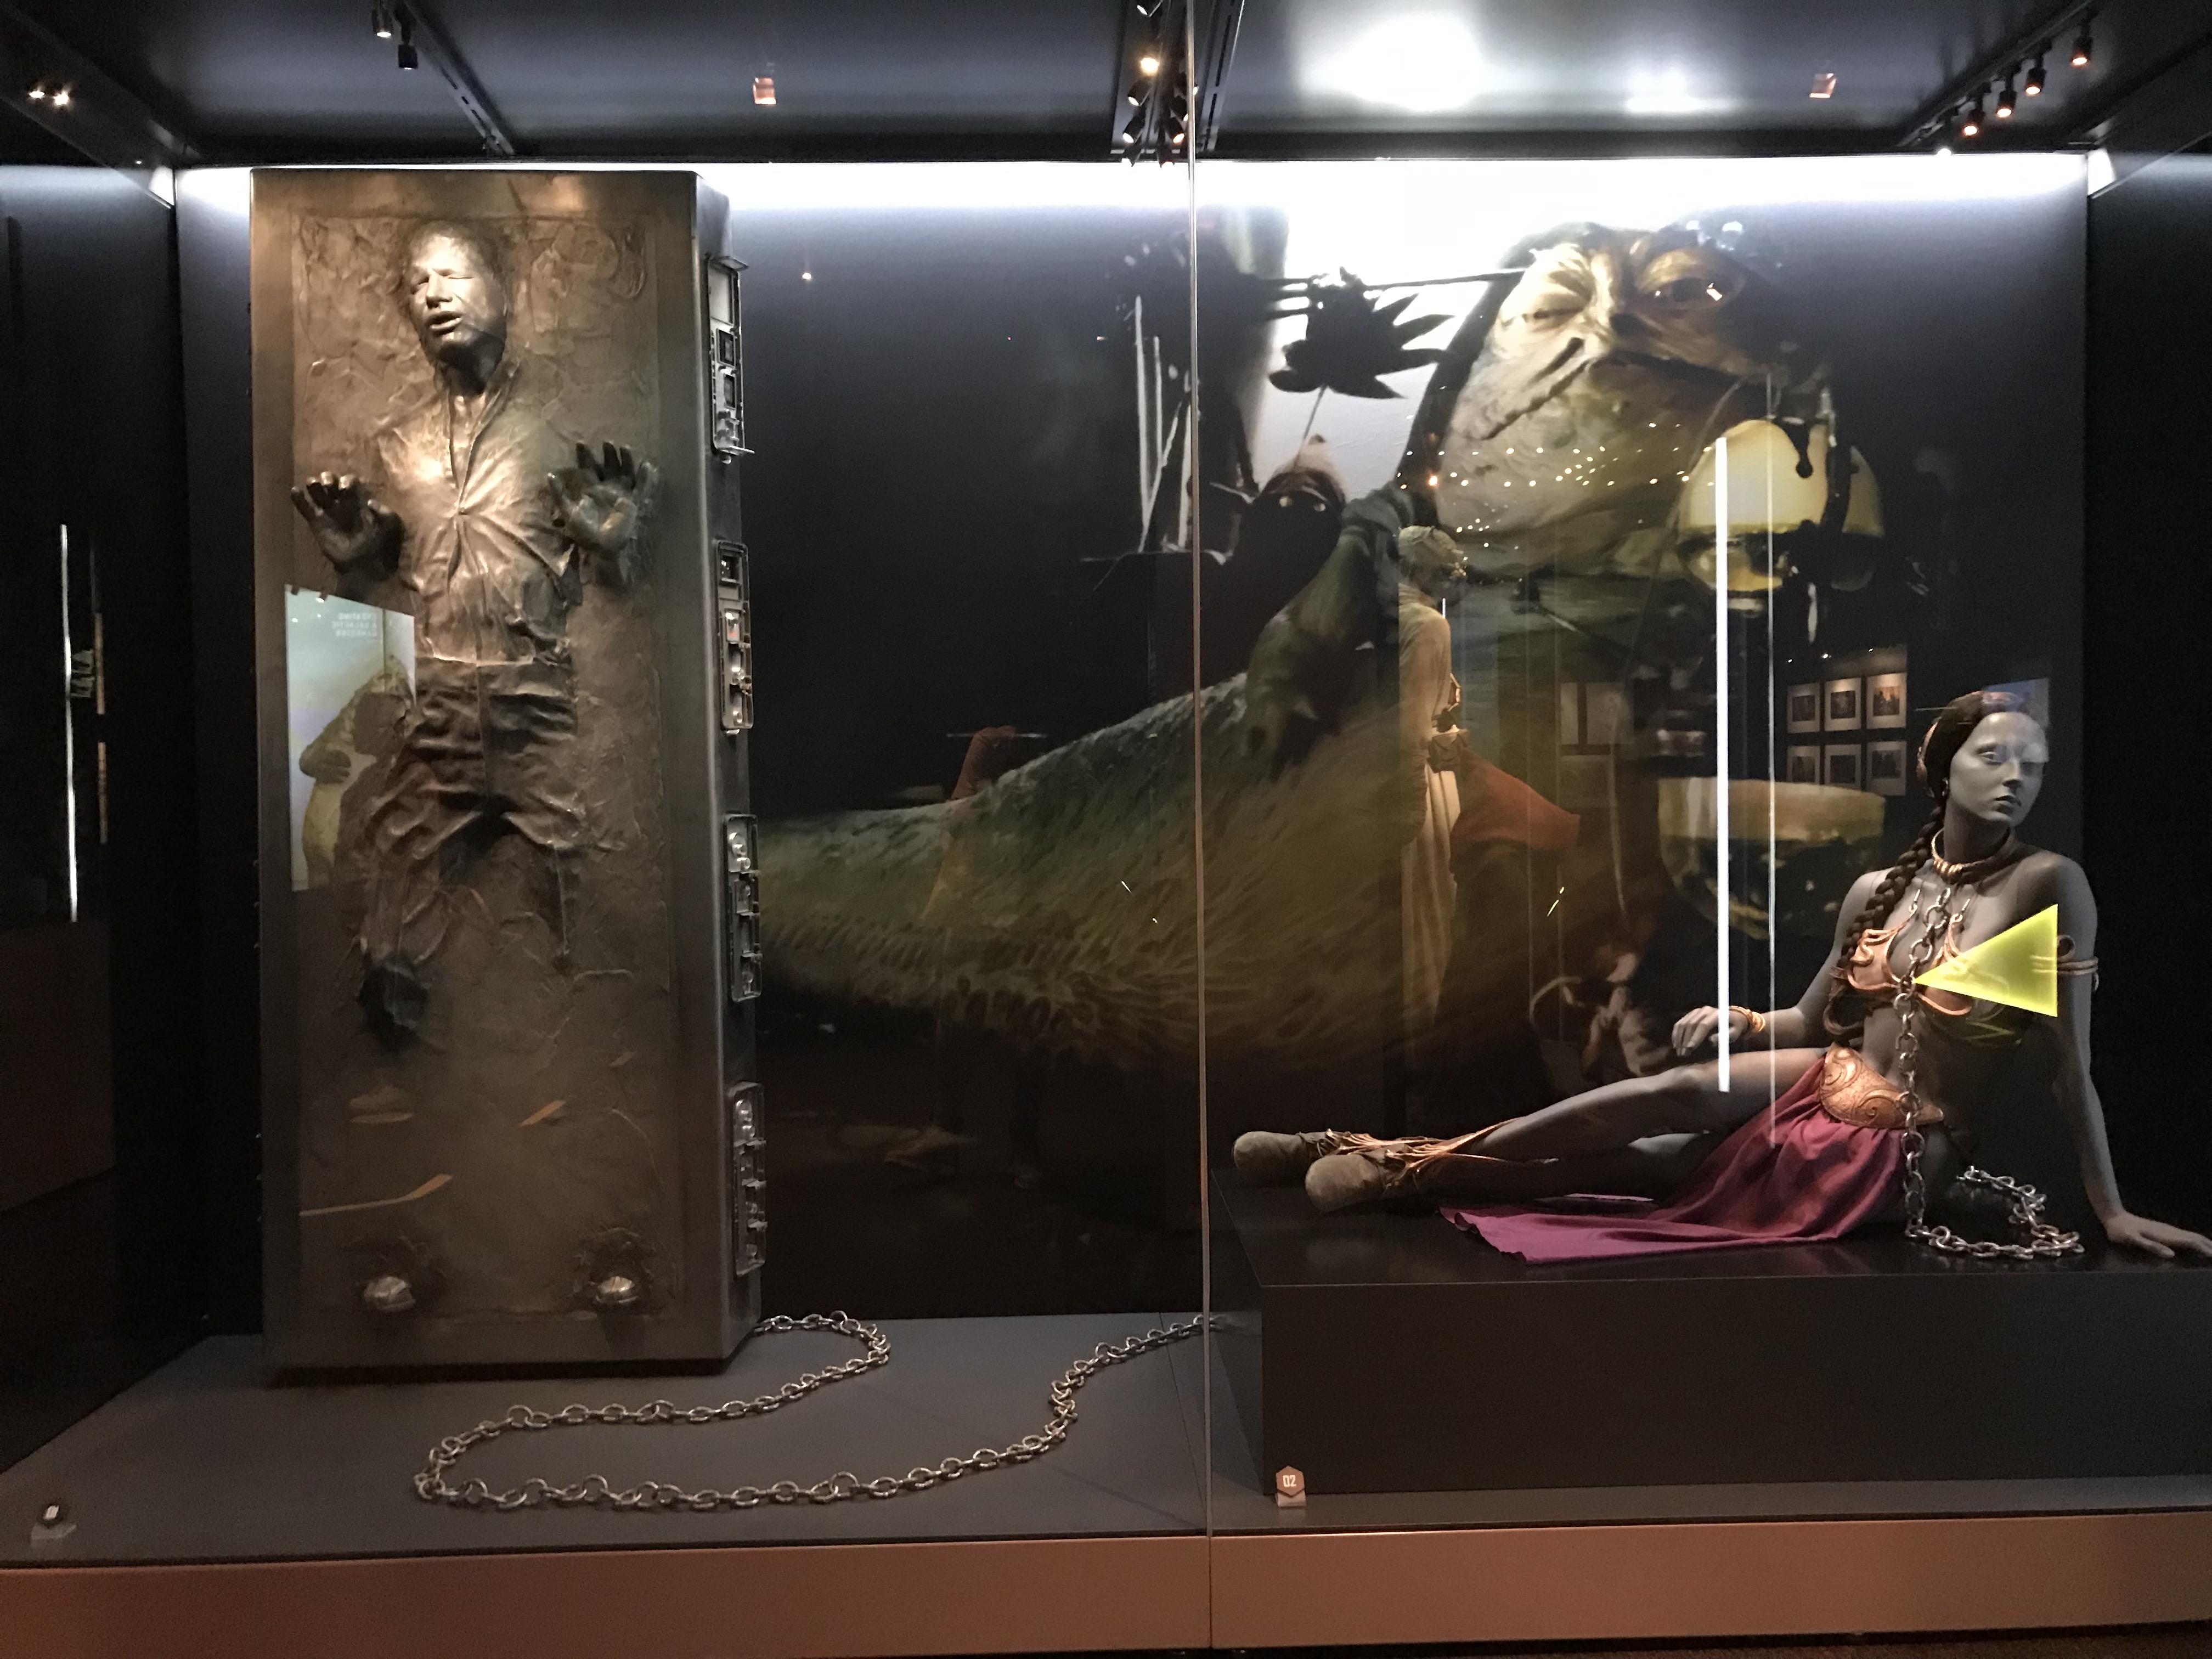 Princess Leia's metal bikini